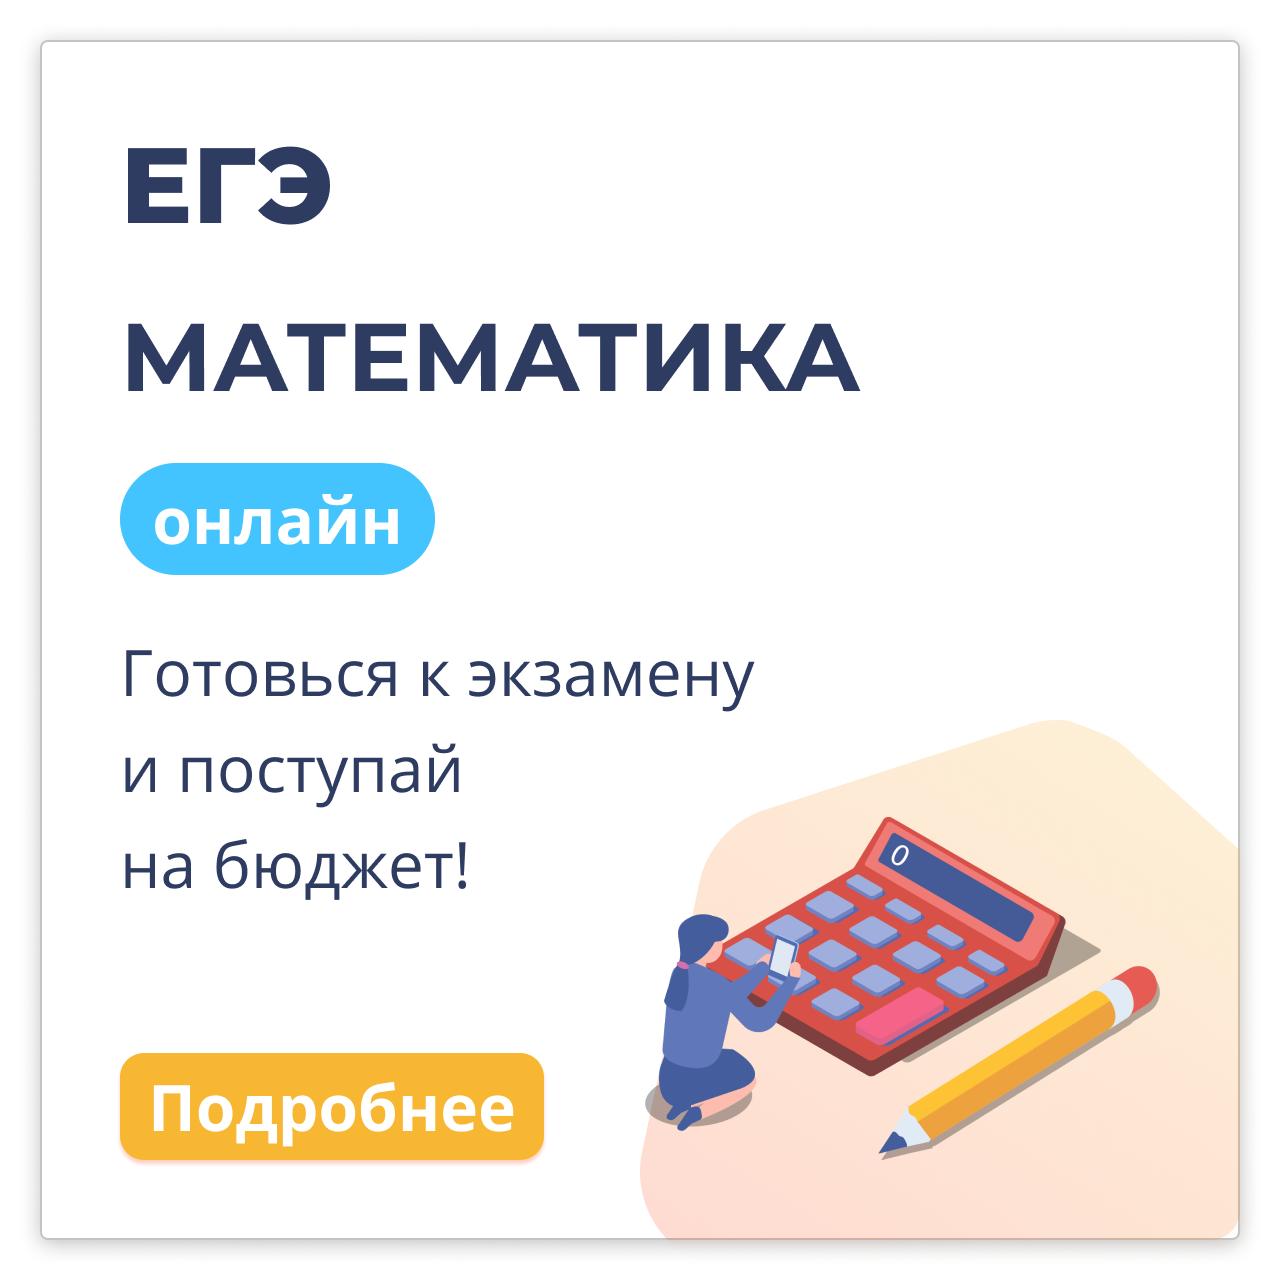 Математика ЕГЭ (Профильный уровень) Онлайн группа